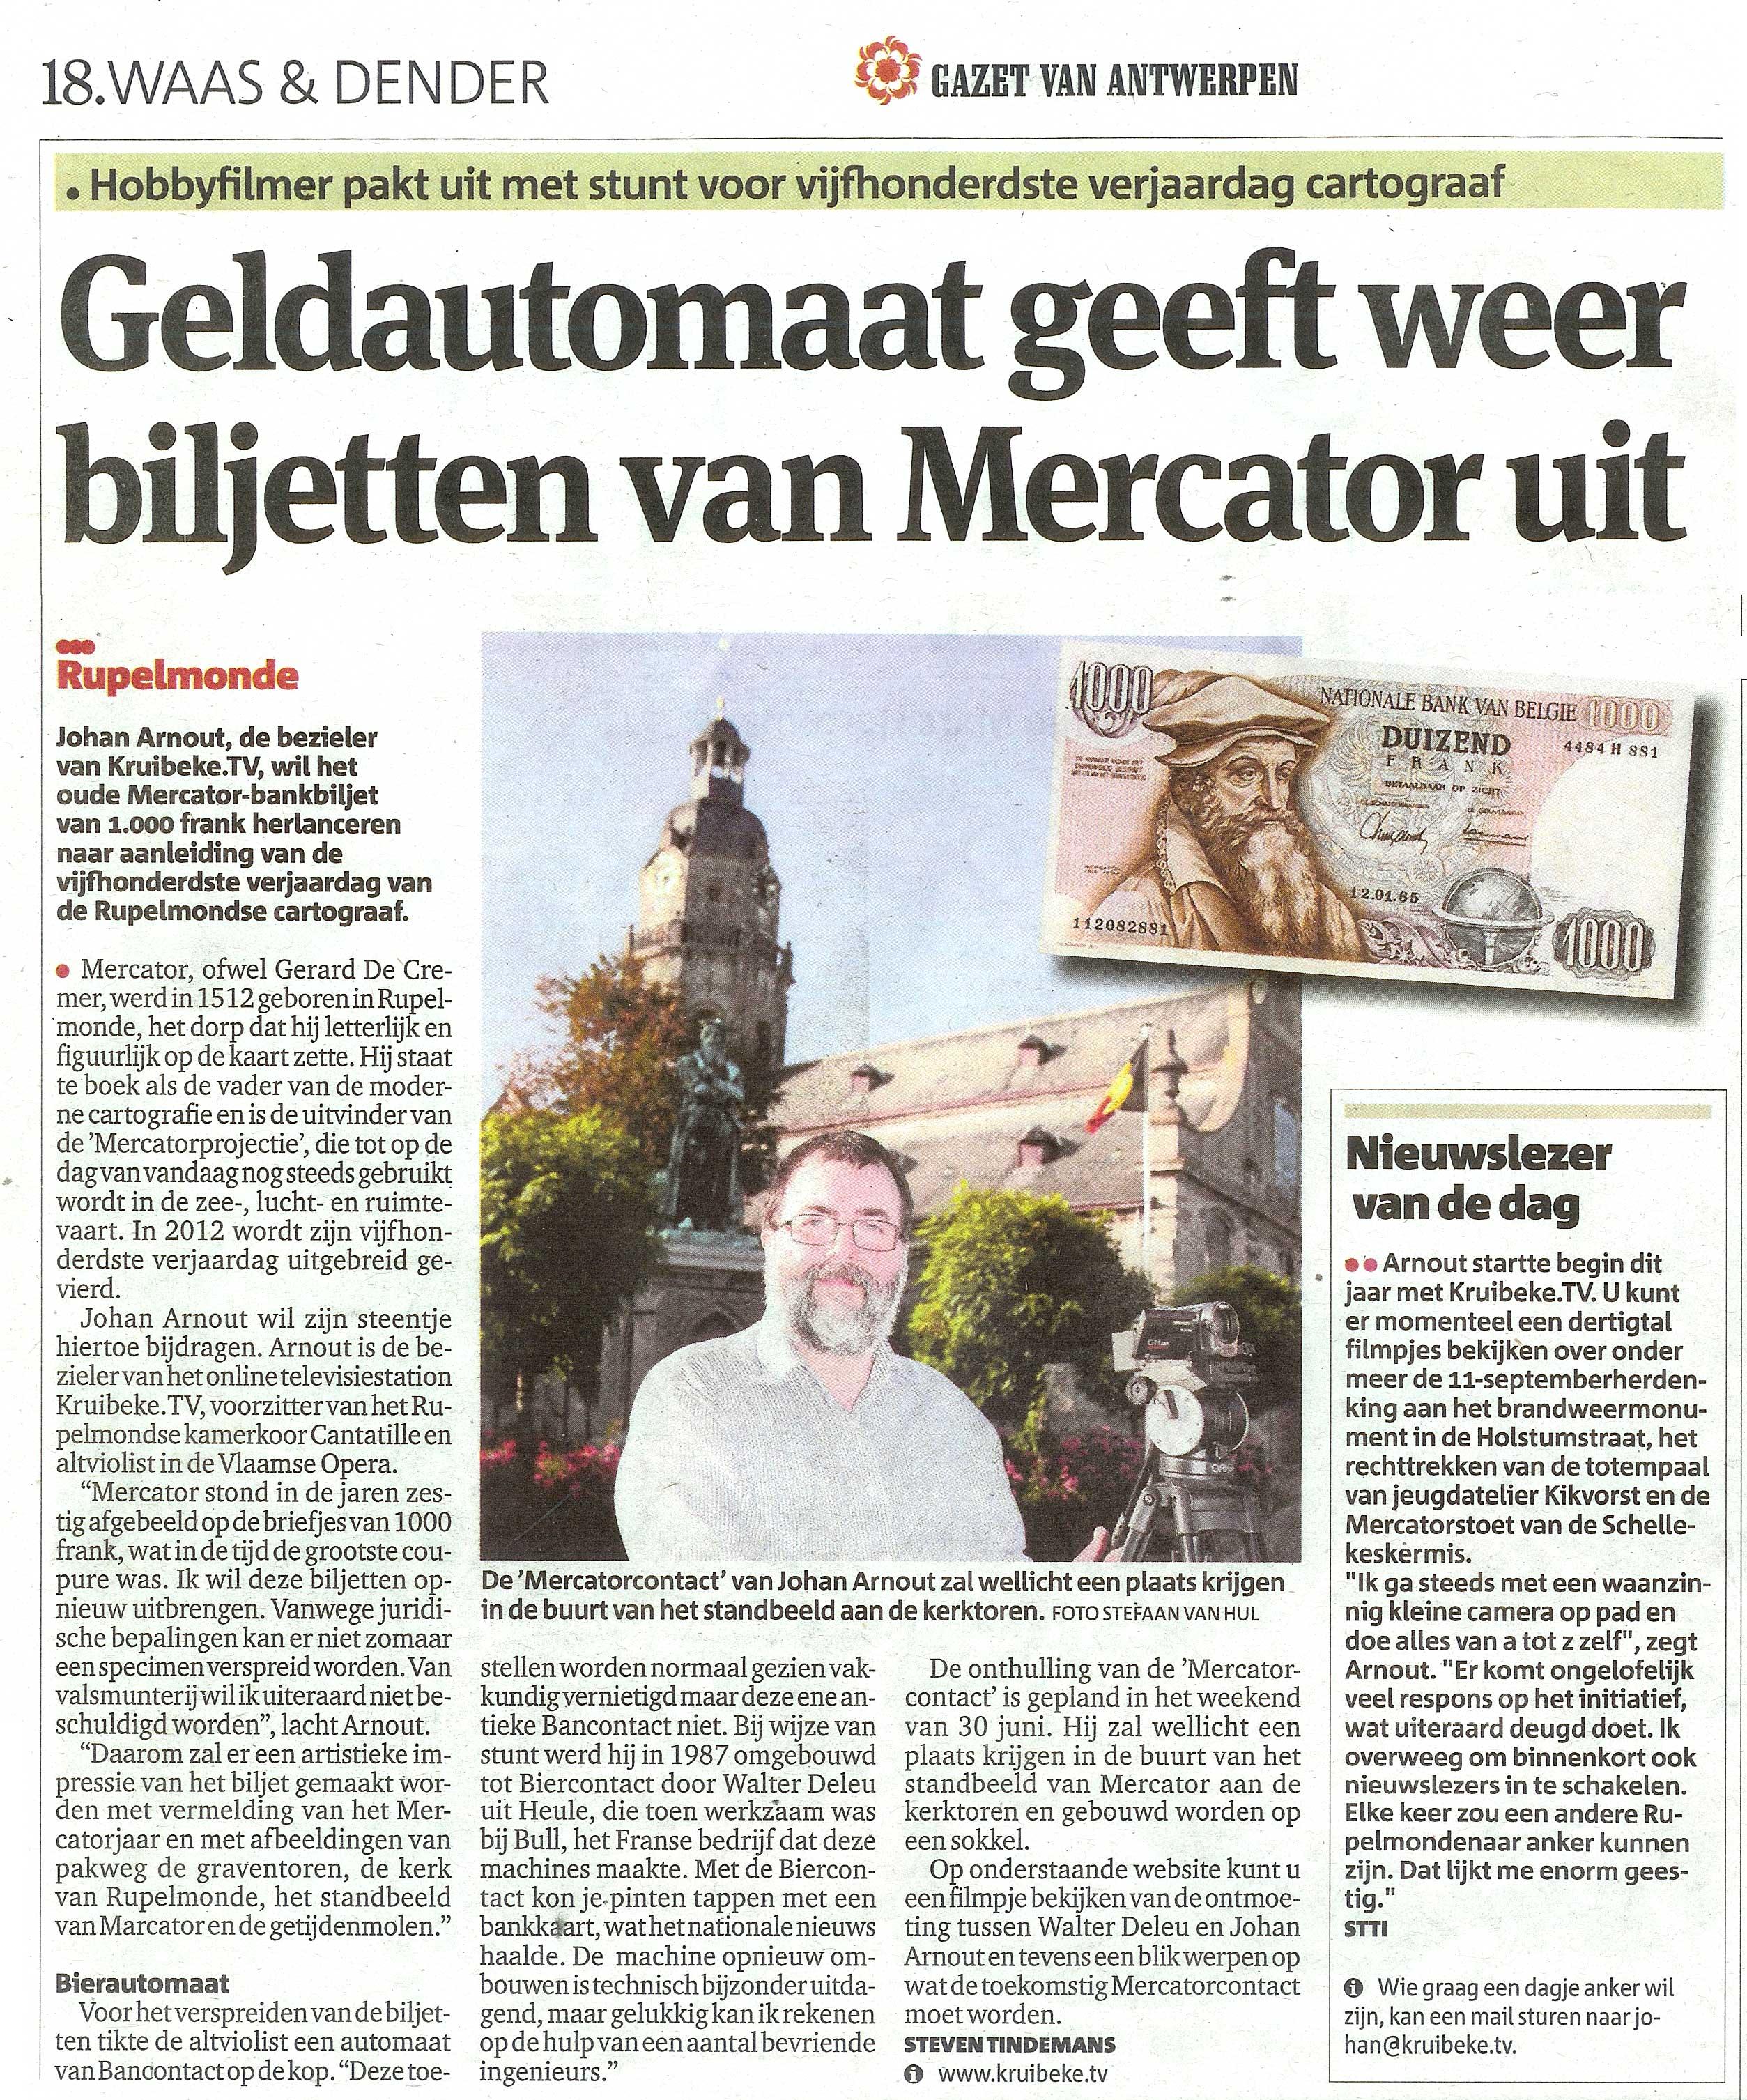 Bancontact in GAZET VAN ANTWERPEN